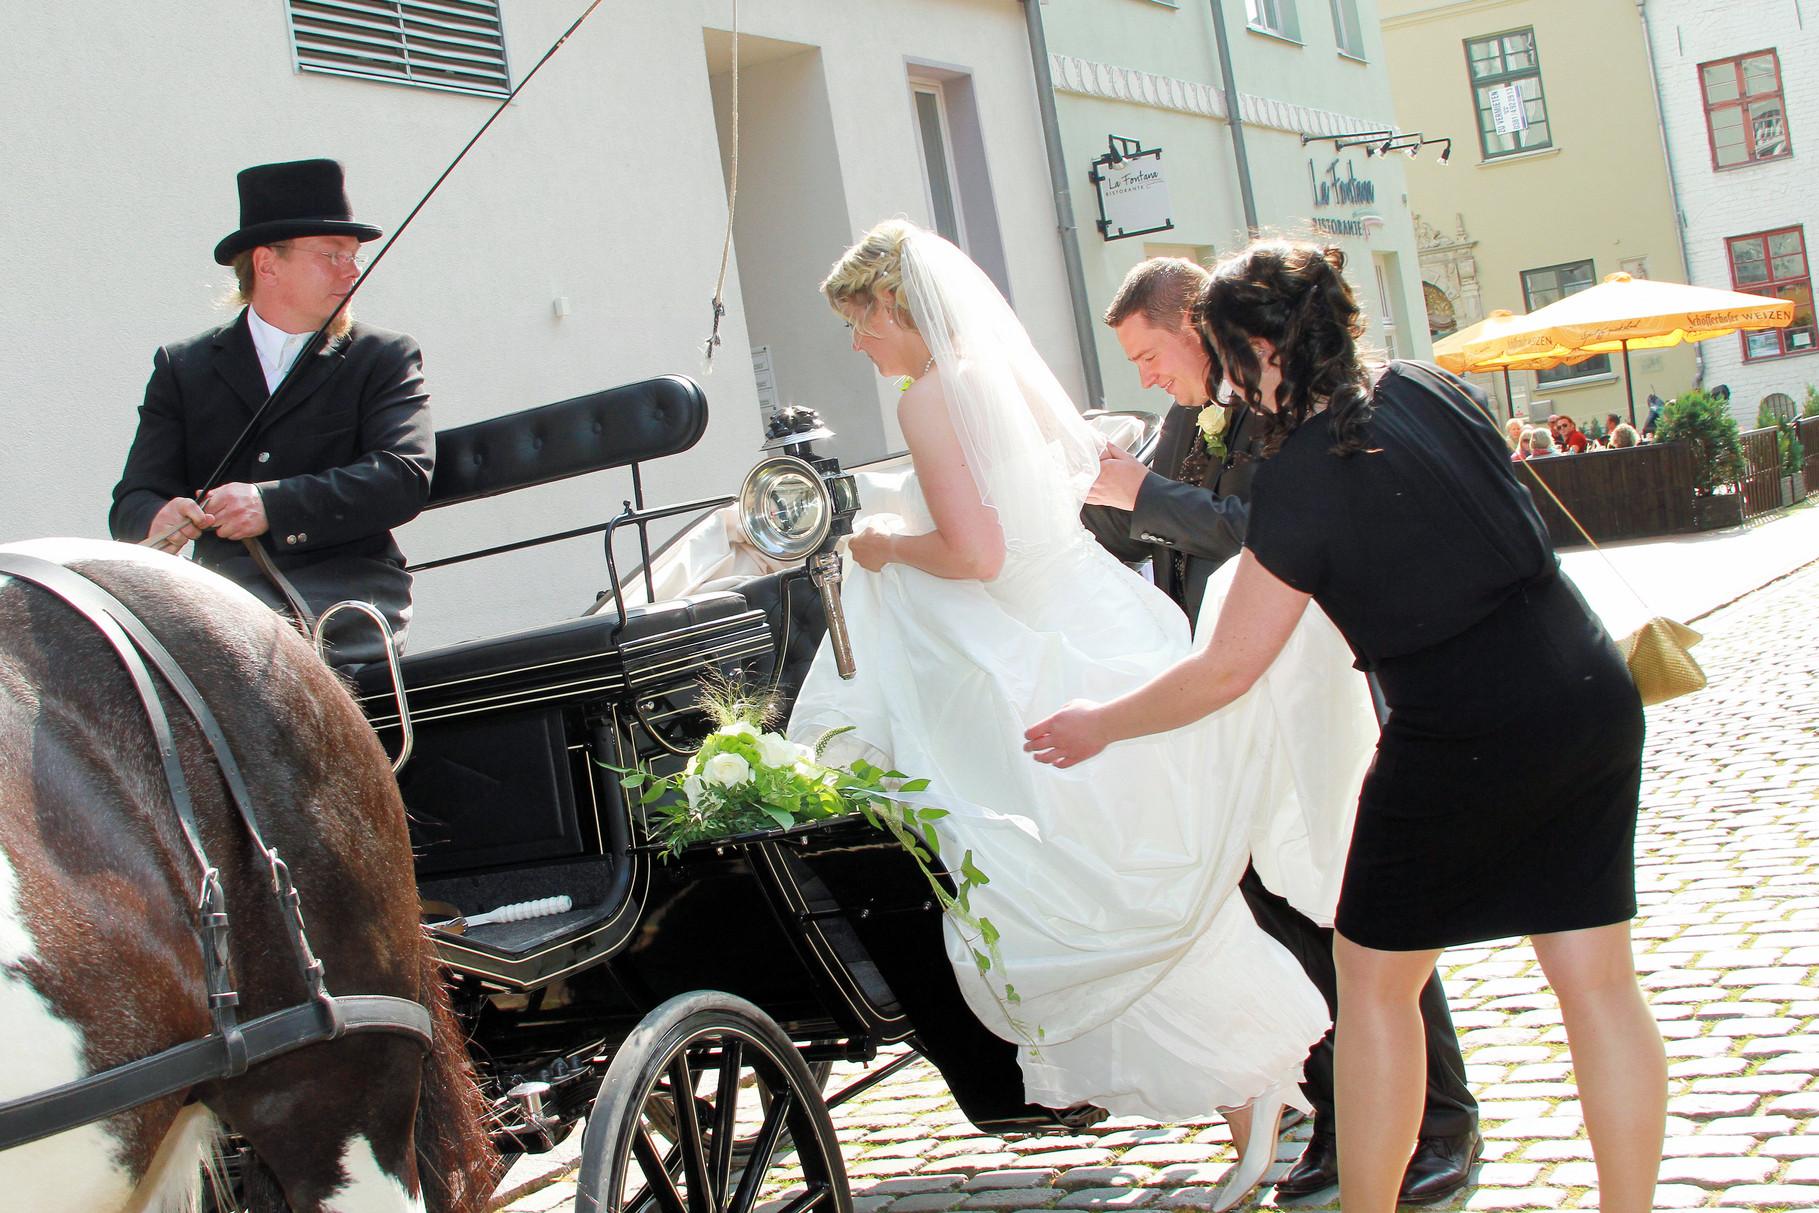 Hochzeitskutsche Stadtzentrum von Rostock  /mit freundlicher Genehmigung des Brautpaares